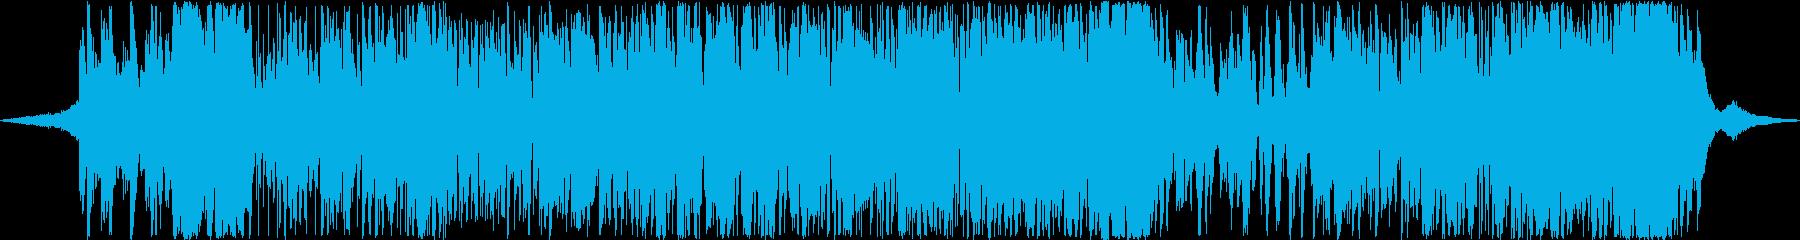 オルタナティブポップ、男性リードボ...の再生済みの波形